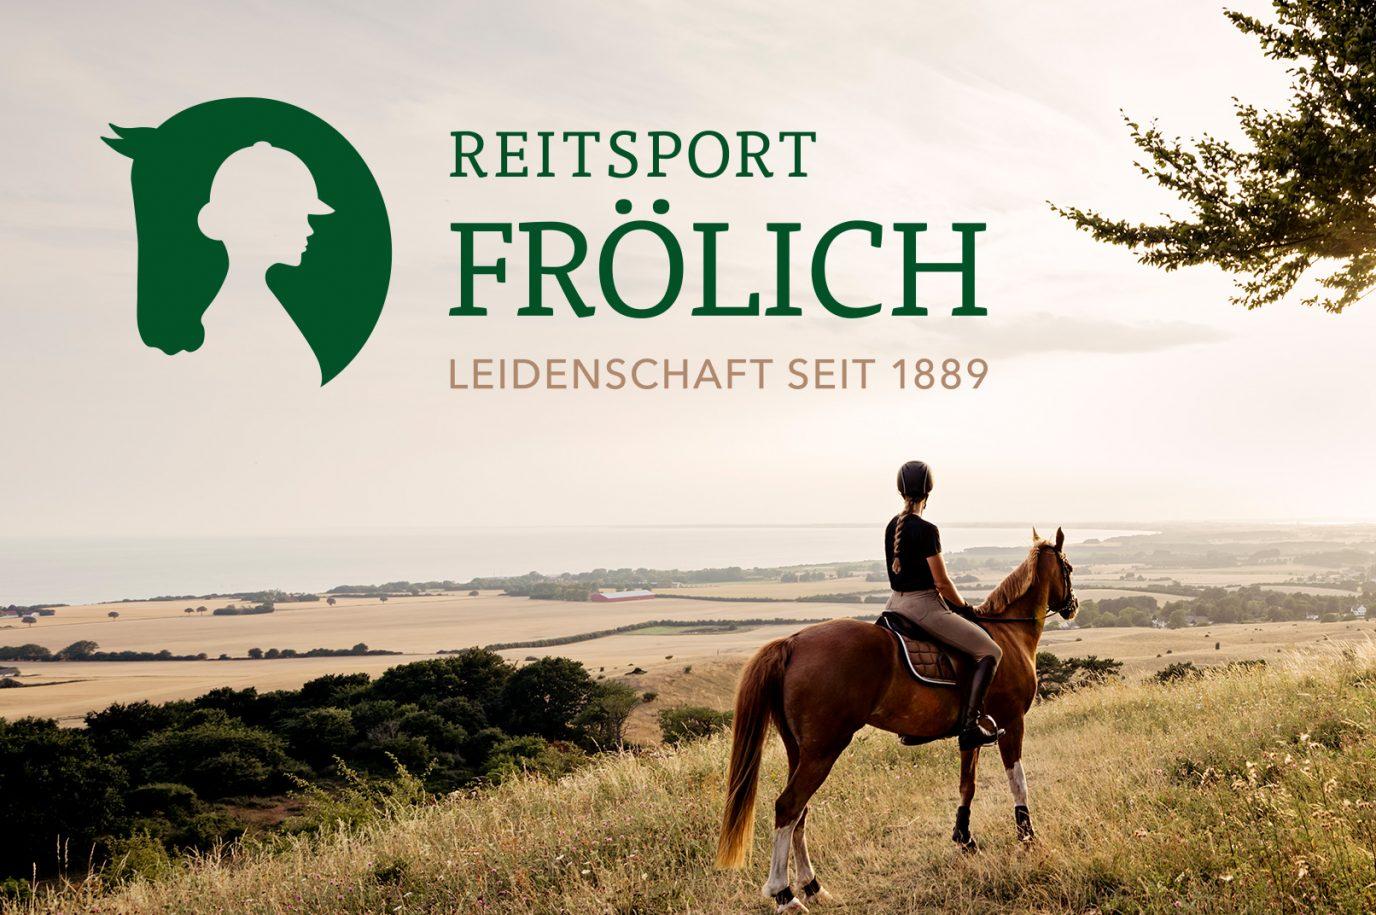 Reitsport-Froelich_Beitragsbild_1612x1140px